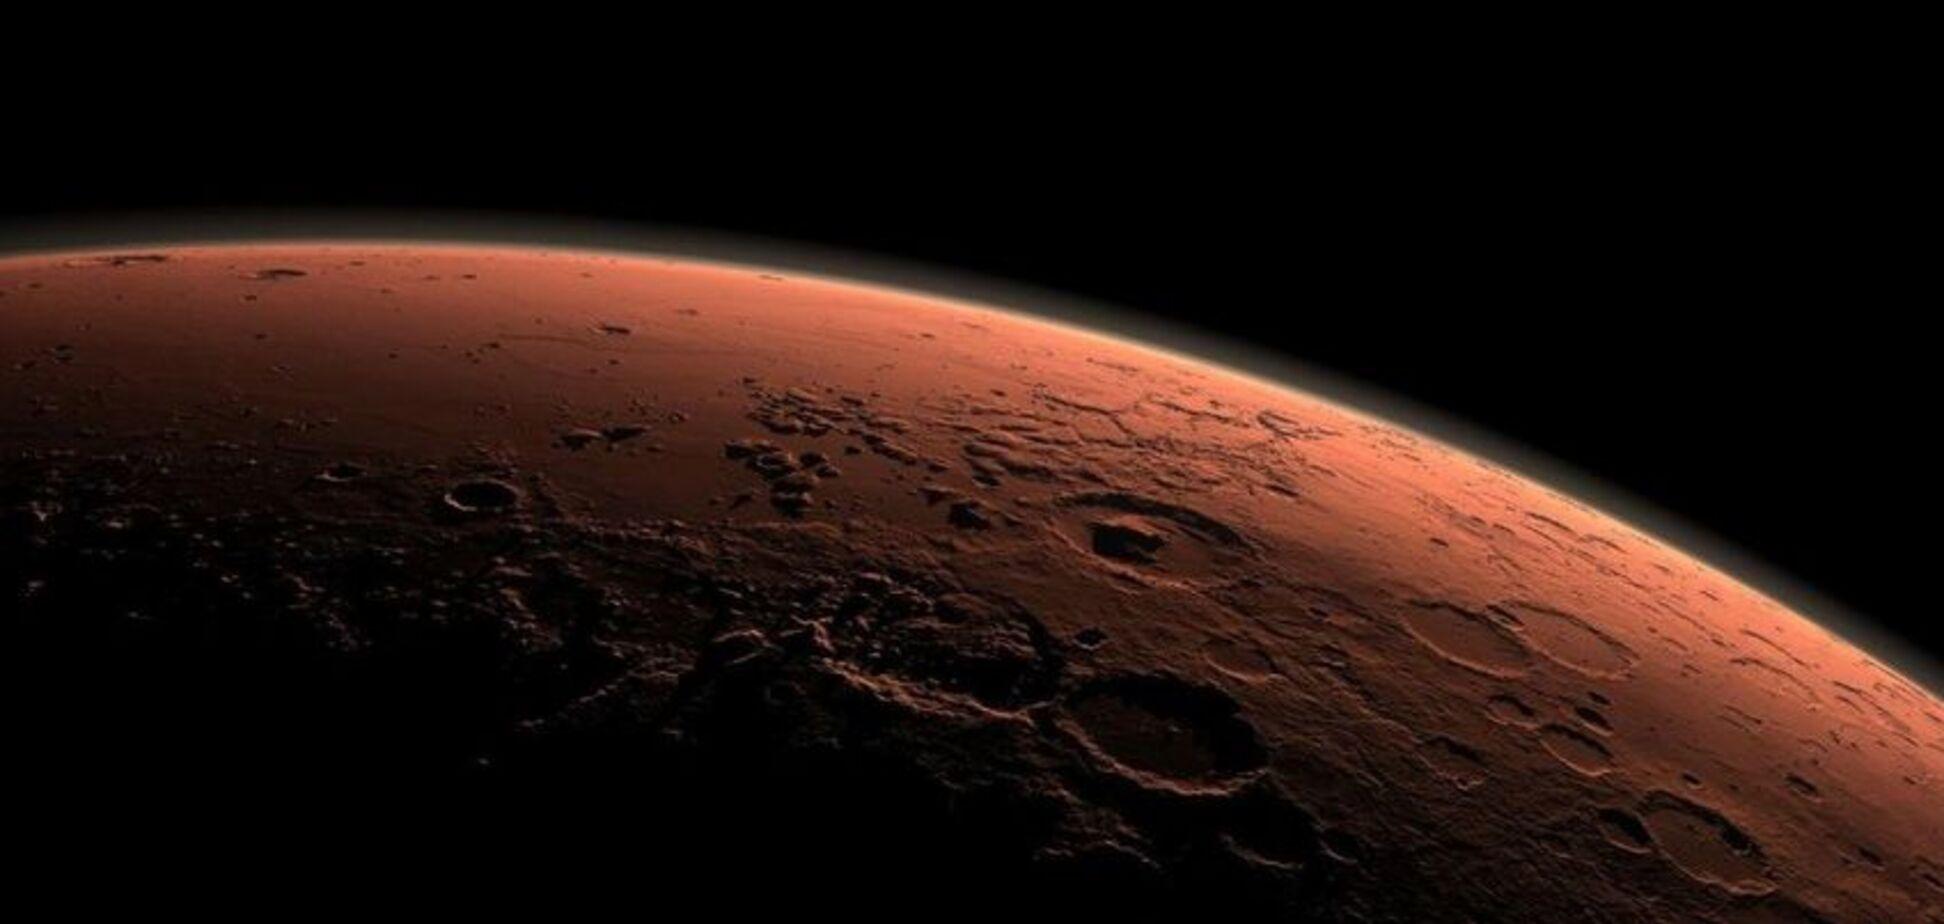 Идеальна для жизни: ученые выяснили новый факт о Марсе